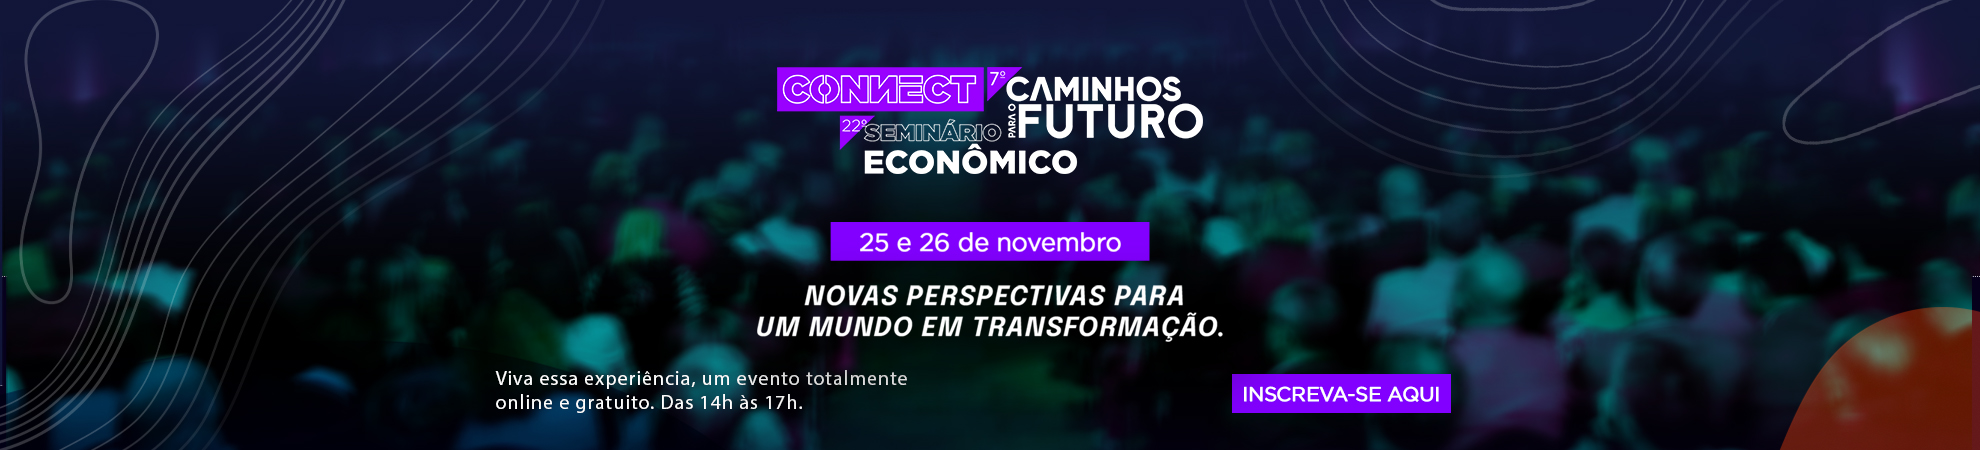 banner_seminario_ffp